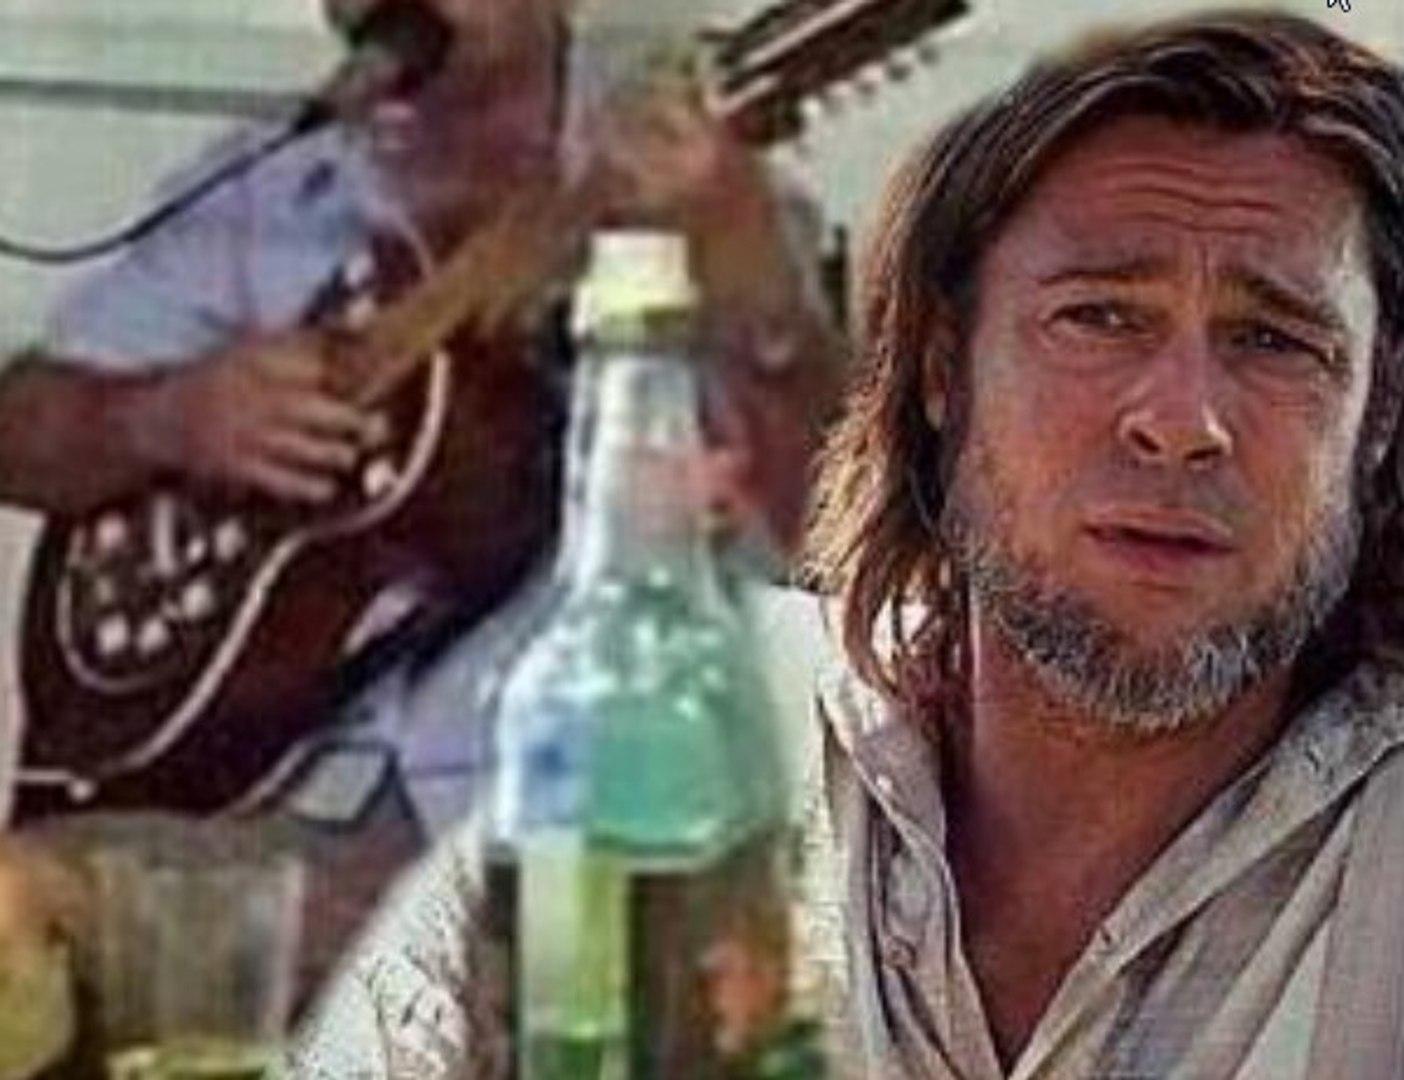 Arrasado com a separação de Angelina Jolie, Brad Pitt é visto em boteco enchendo a cara de cachaça